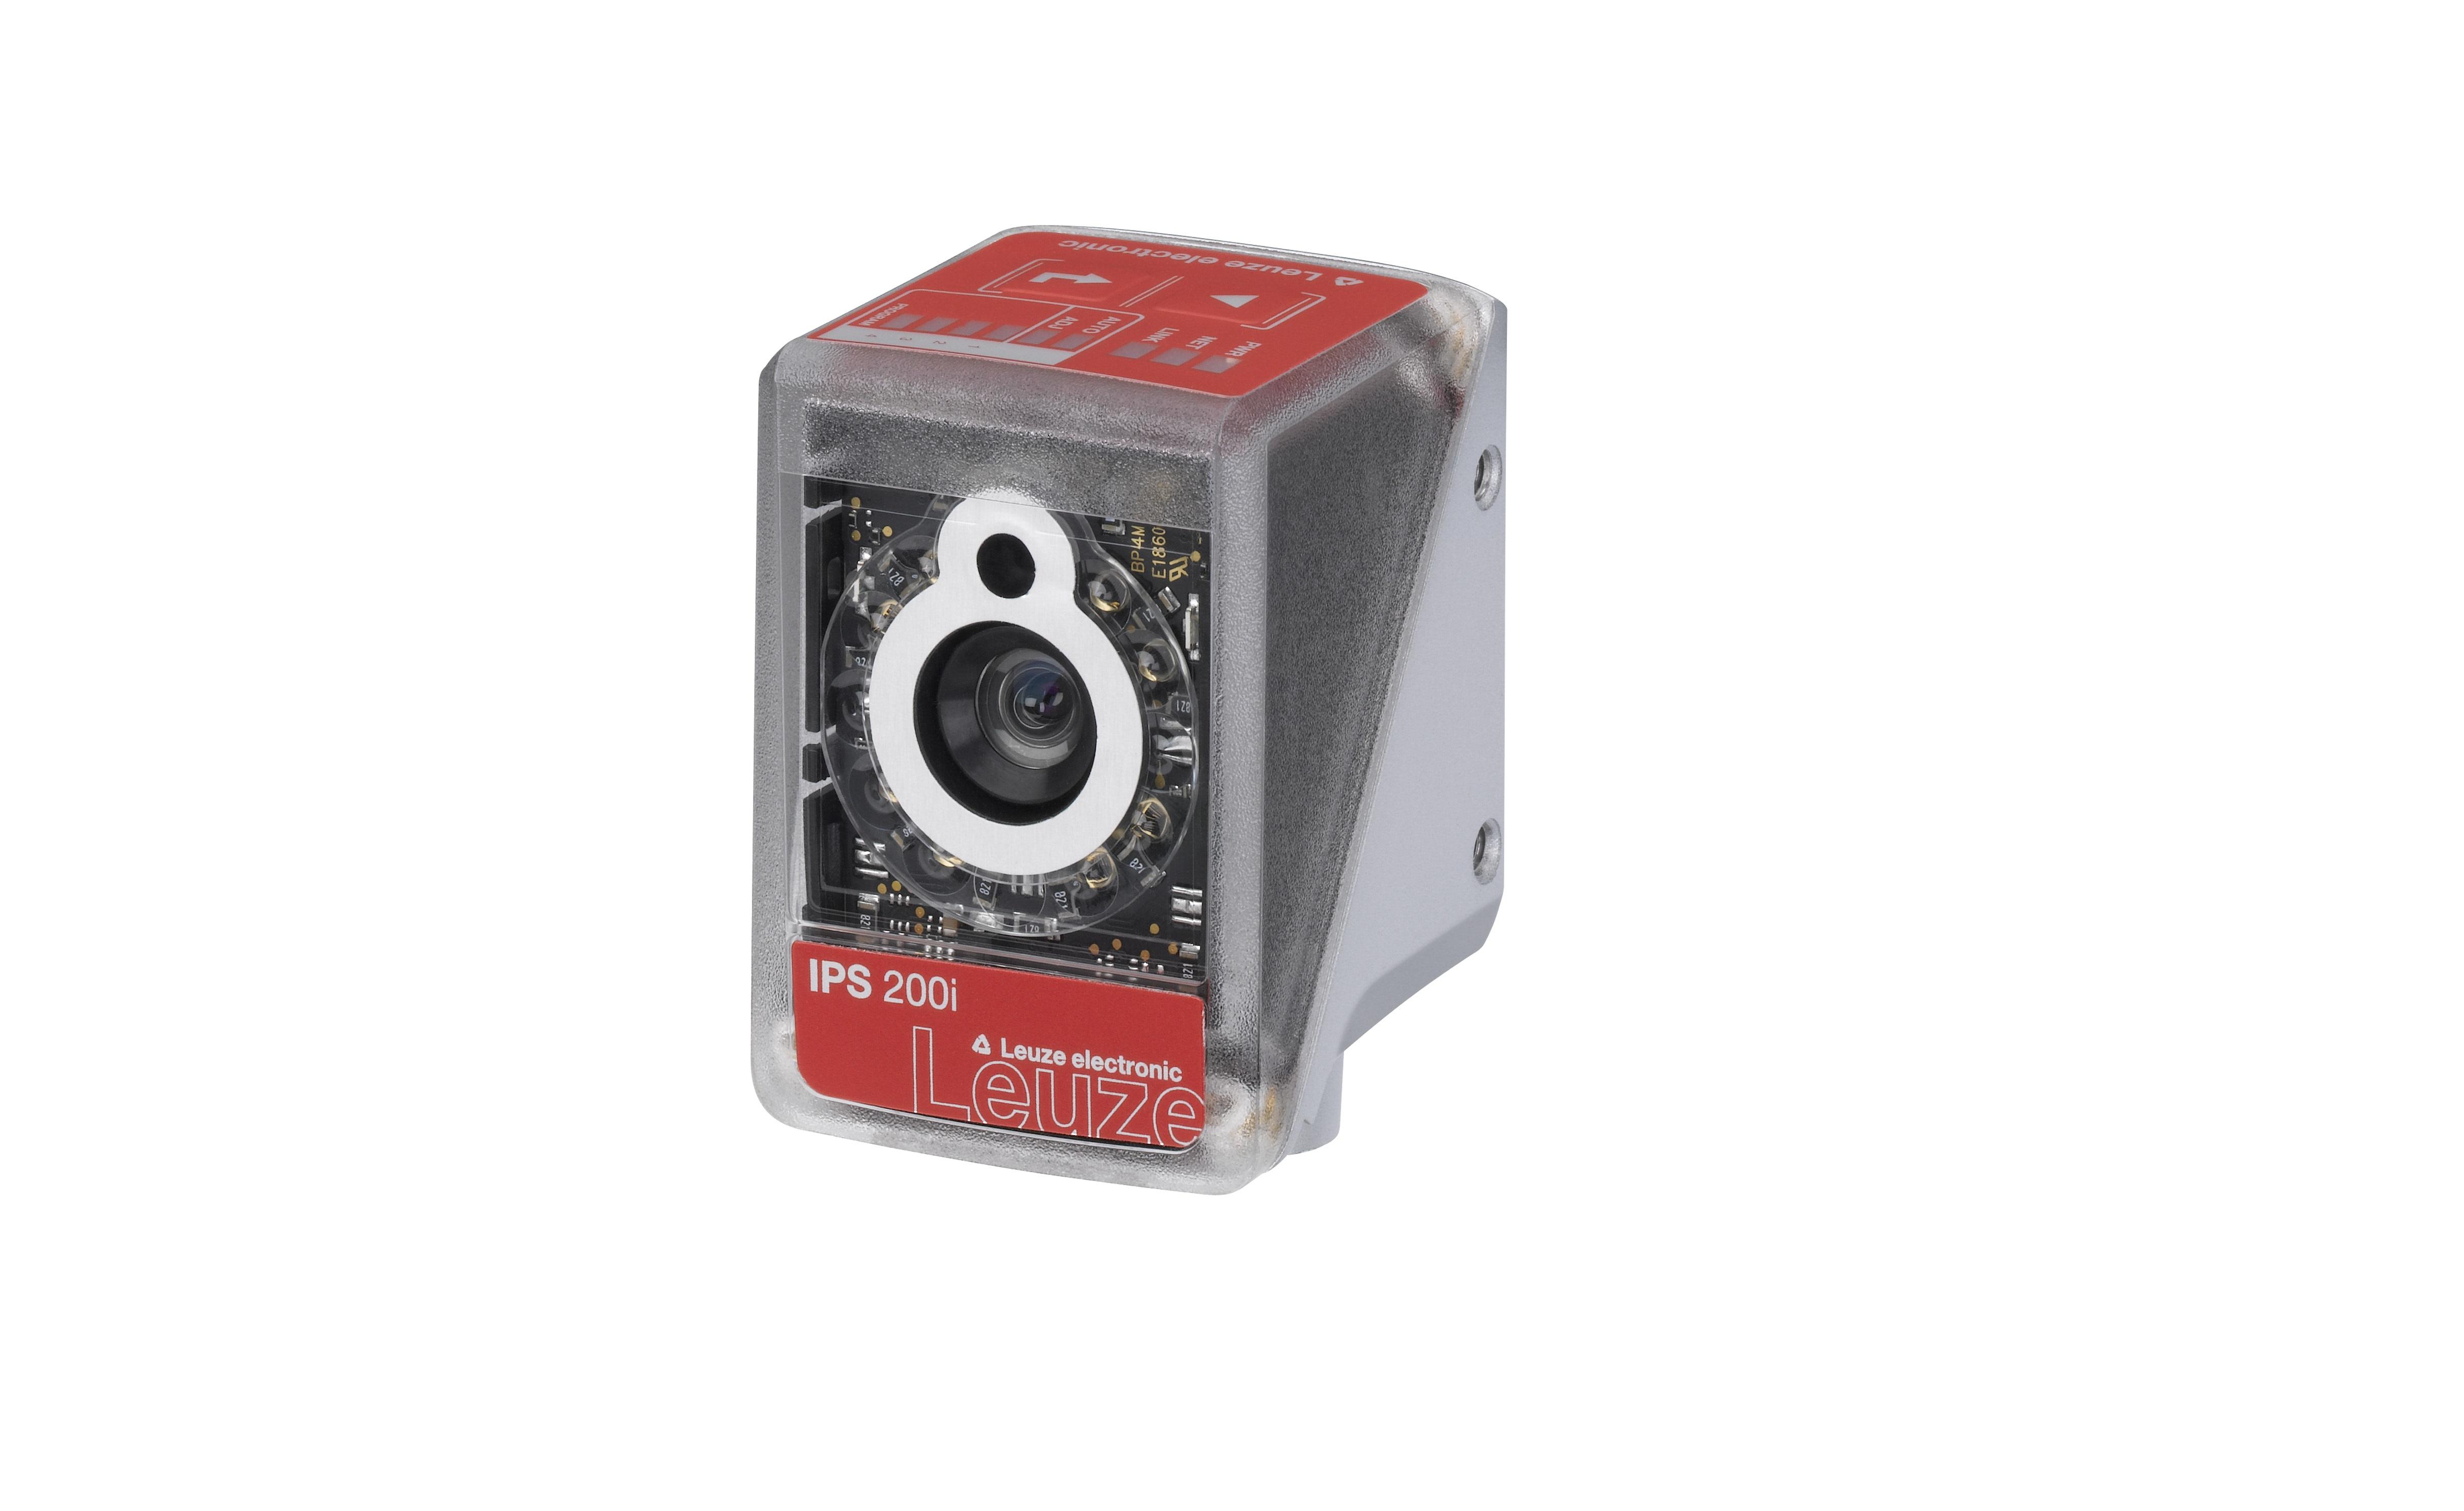 El IPS 200i garantiza un posicionamiento preciso de los compartimentos y estantes